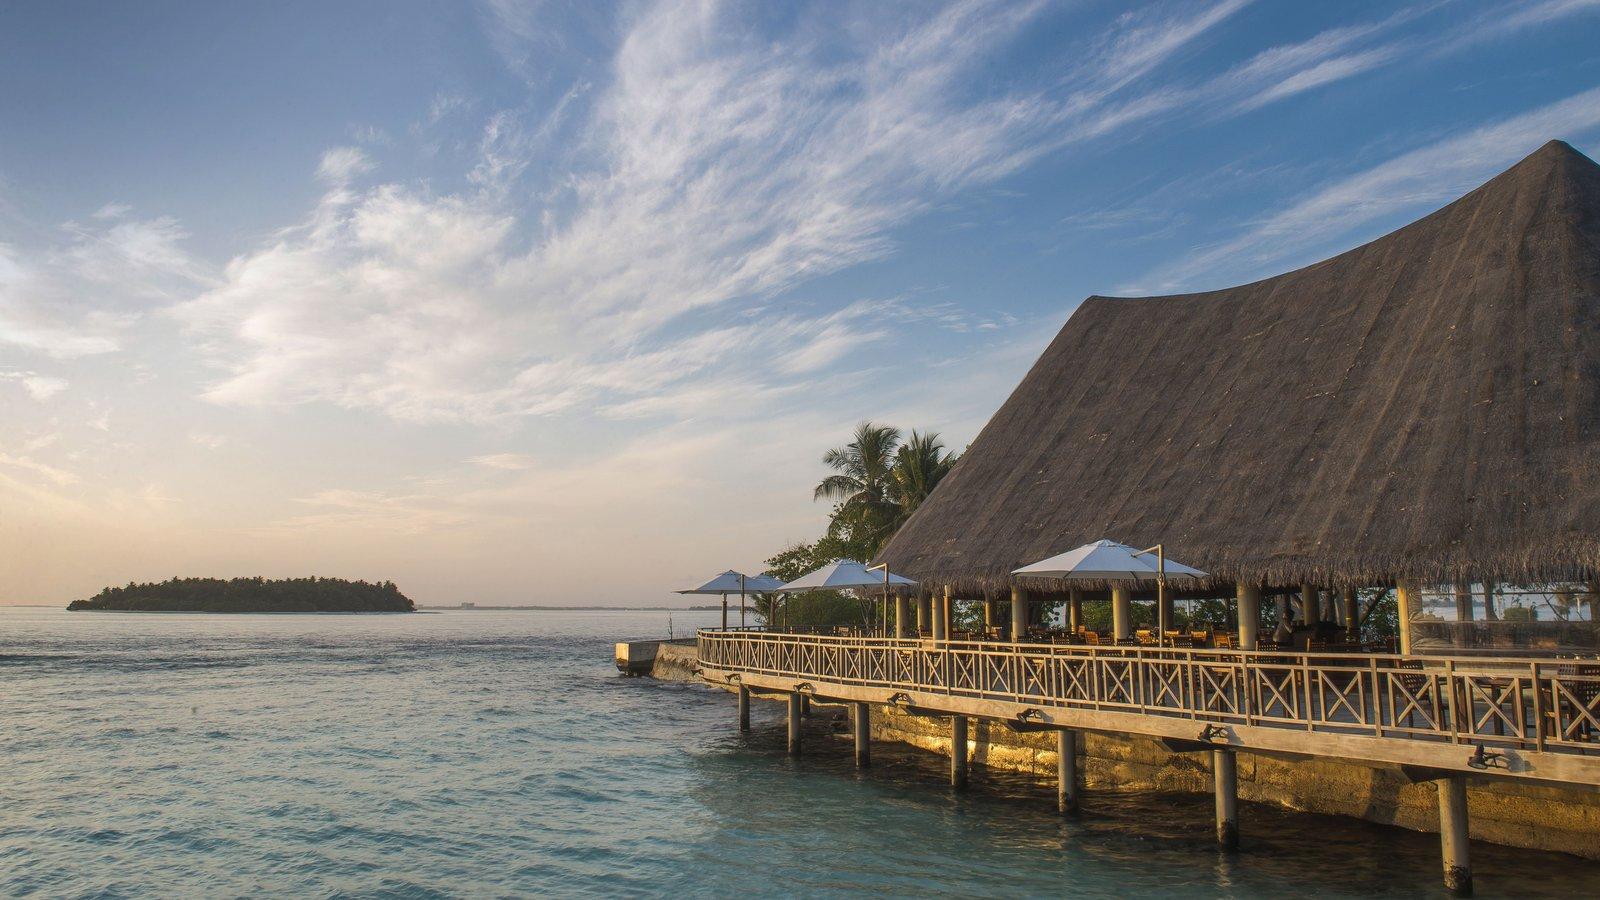 Мальдивы, отель Bandos Maldives